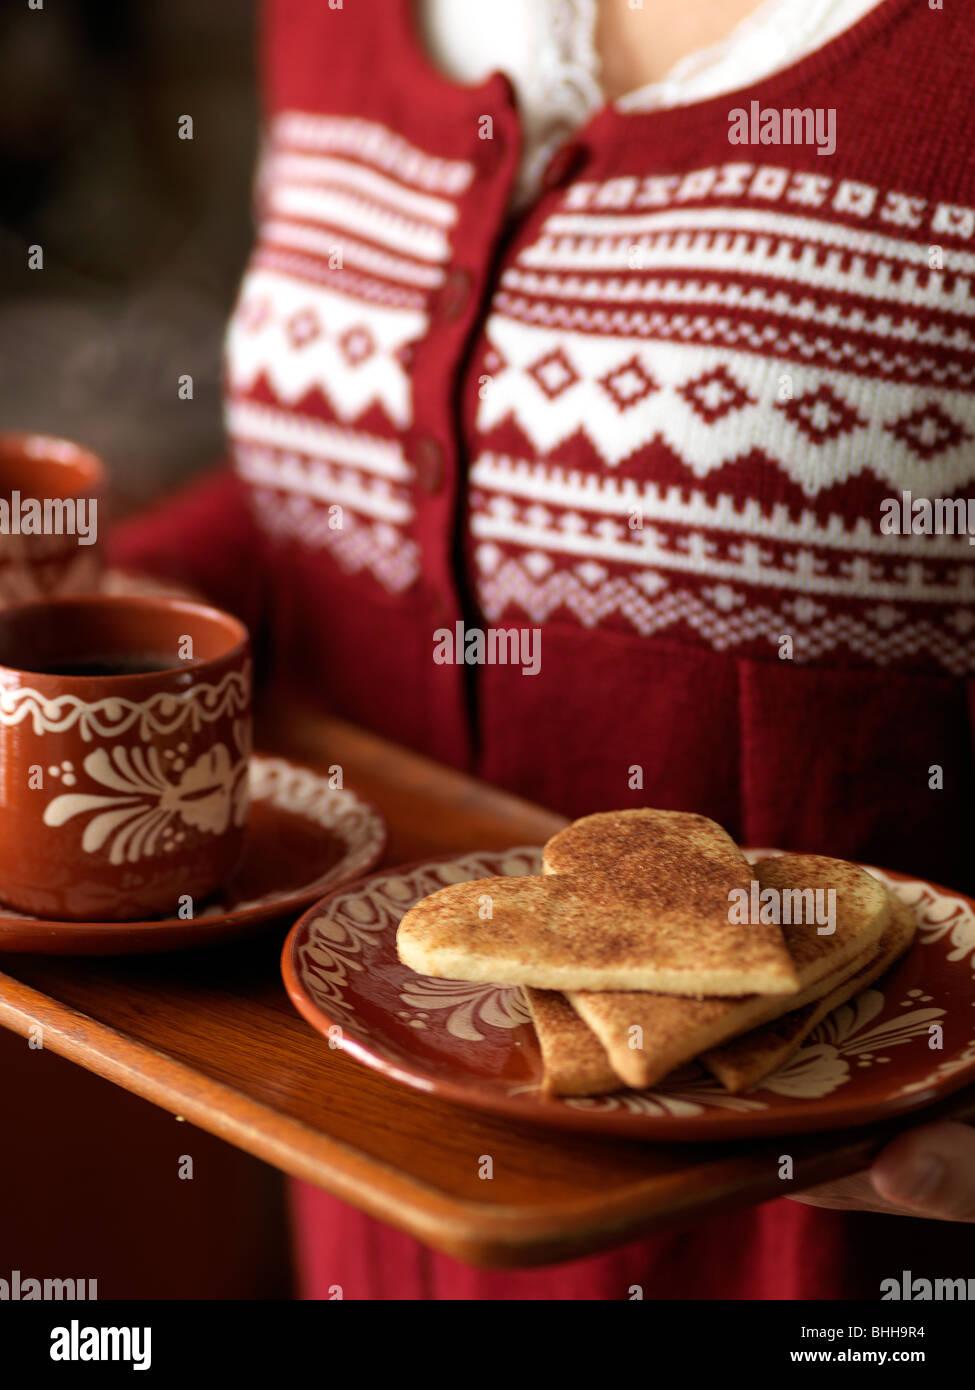 Les cookies à la cannelle, en Suède. Photo Stock